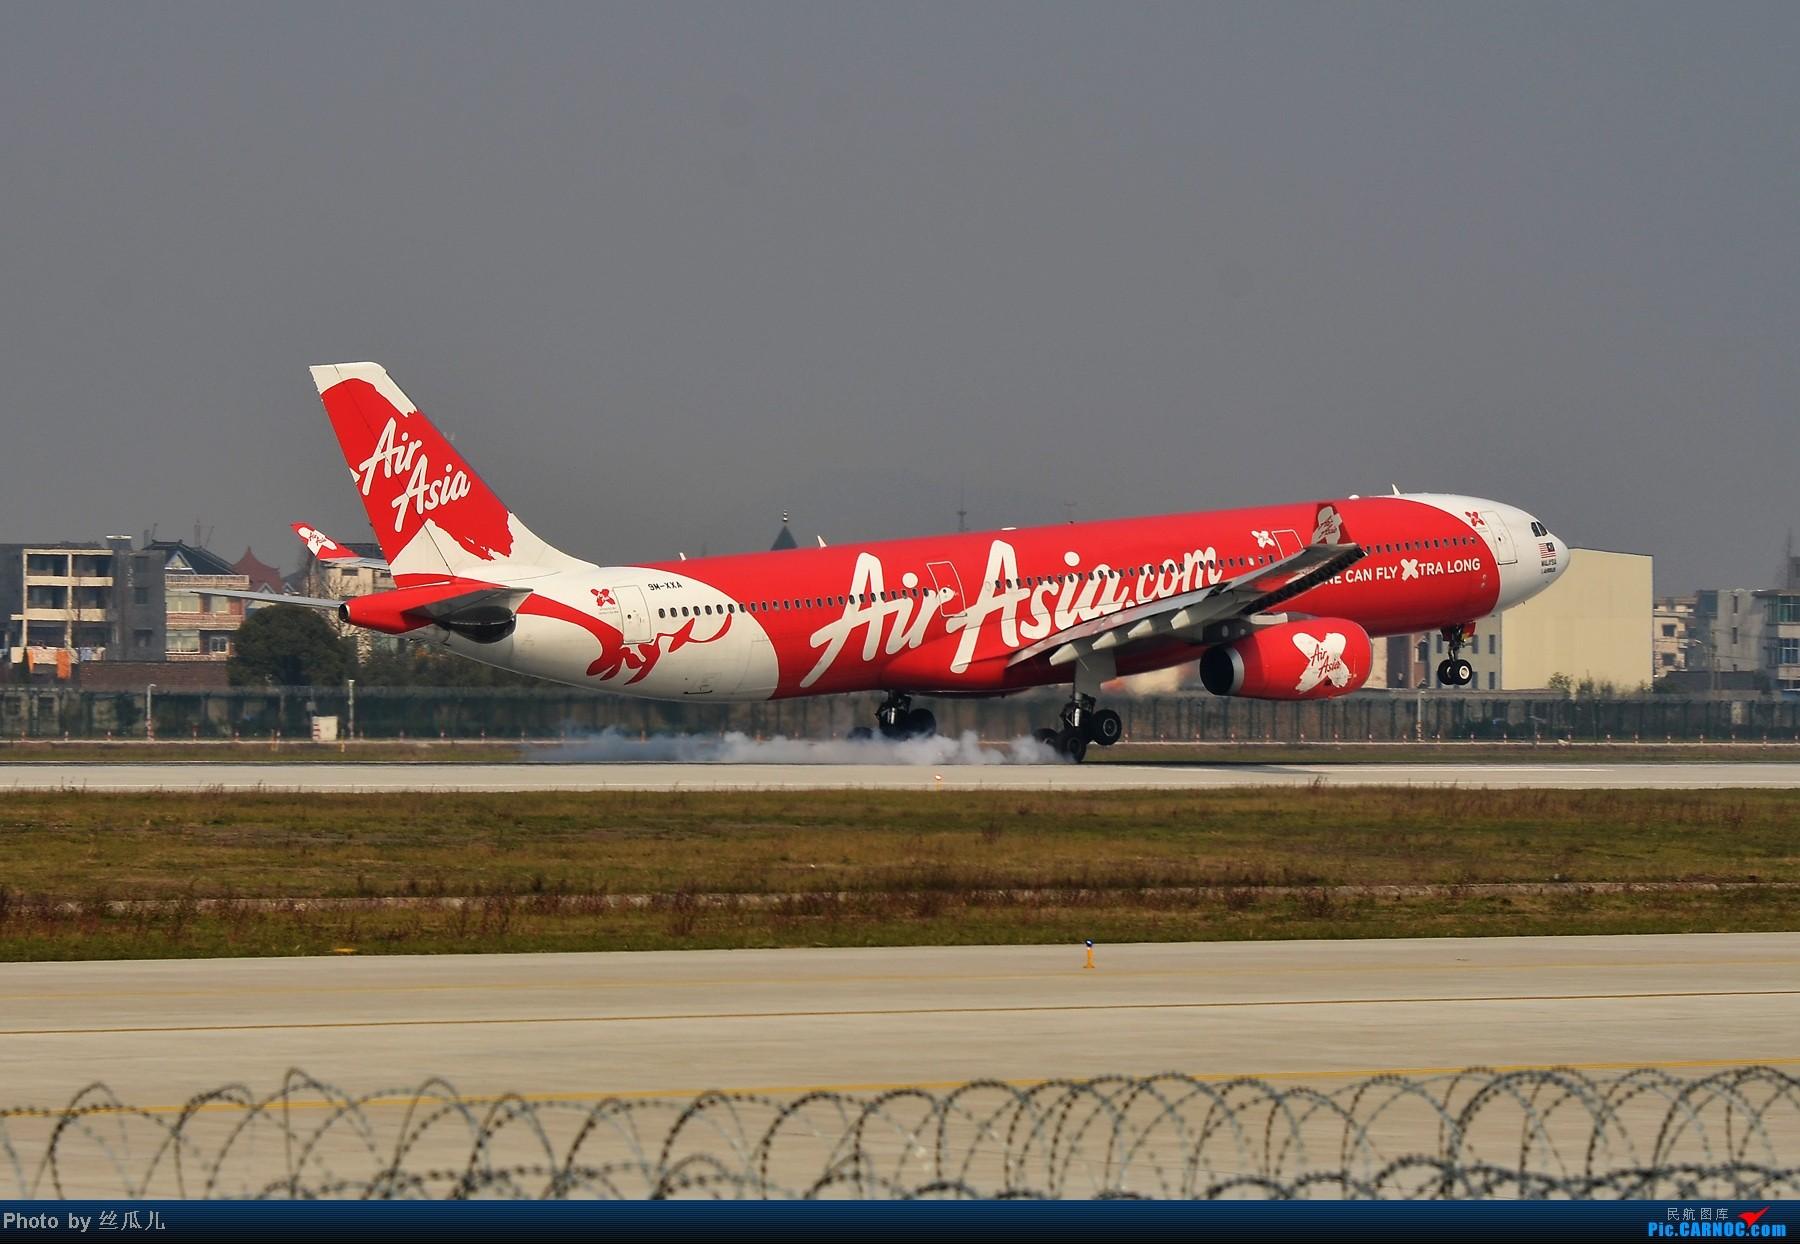 Re:[原创]【HGH二跑】话说如今的二跑有了制高点--趁今天雾霾好转一点赶紧去练练甩腰--今日中午二跑拍机一小时全记录 AIRBUS A330-300 9M-XXA 中国杭州萧山机场